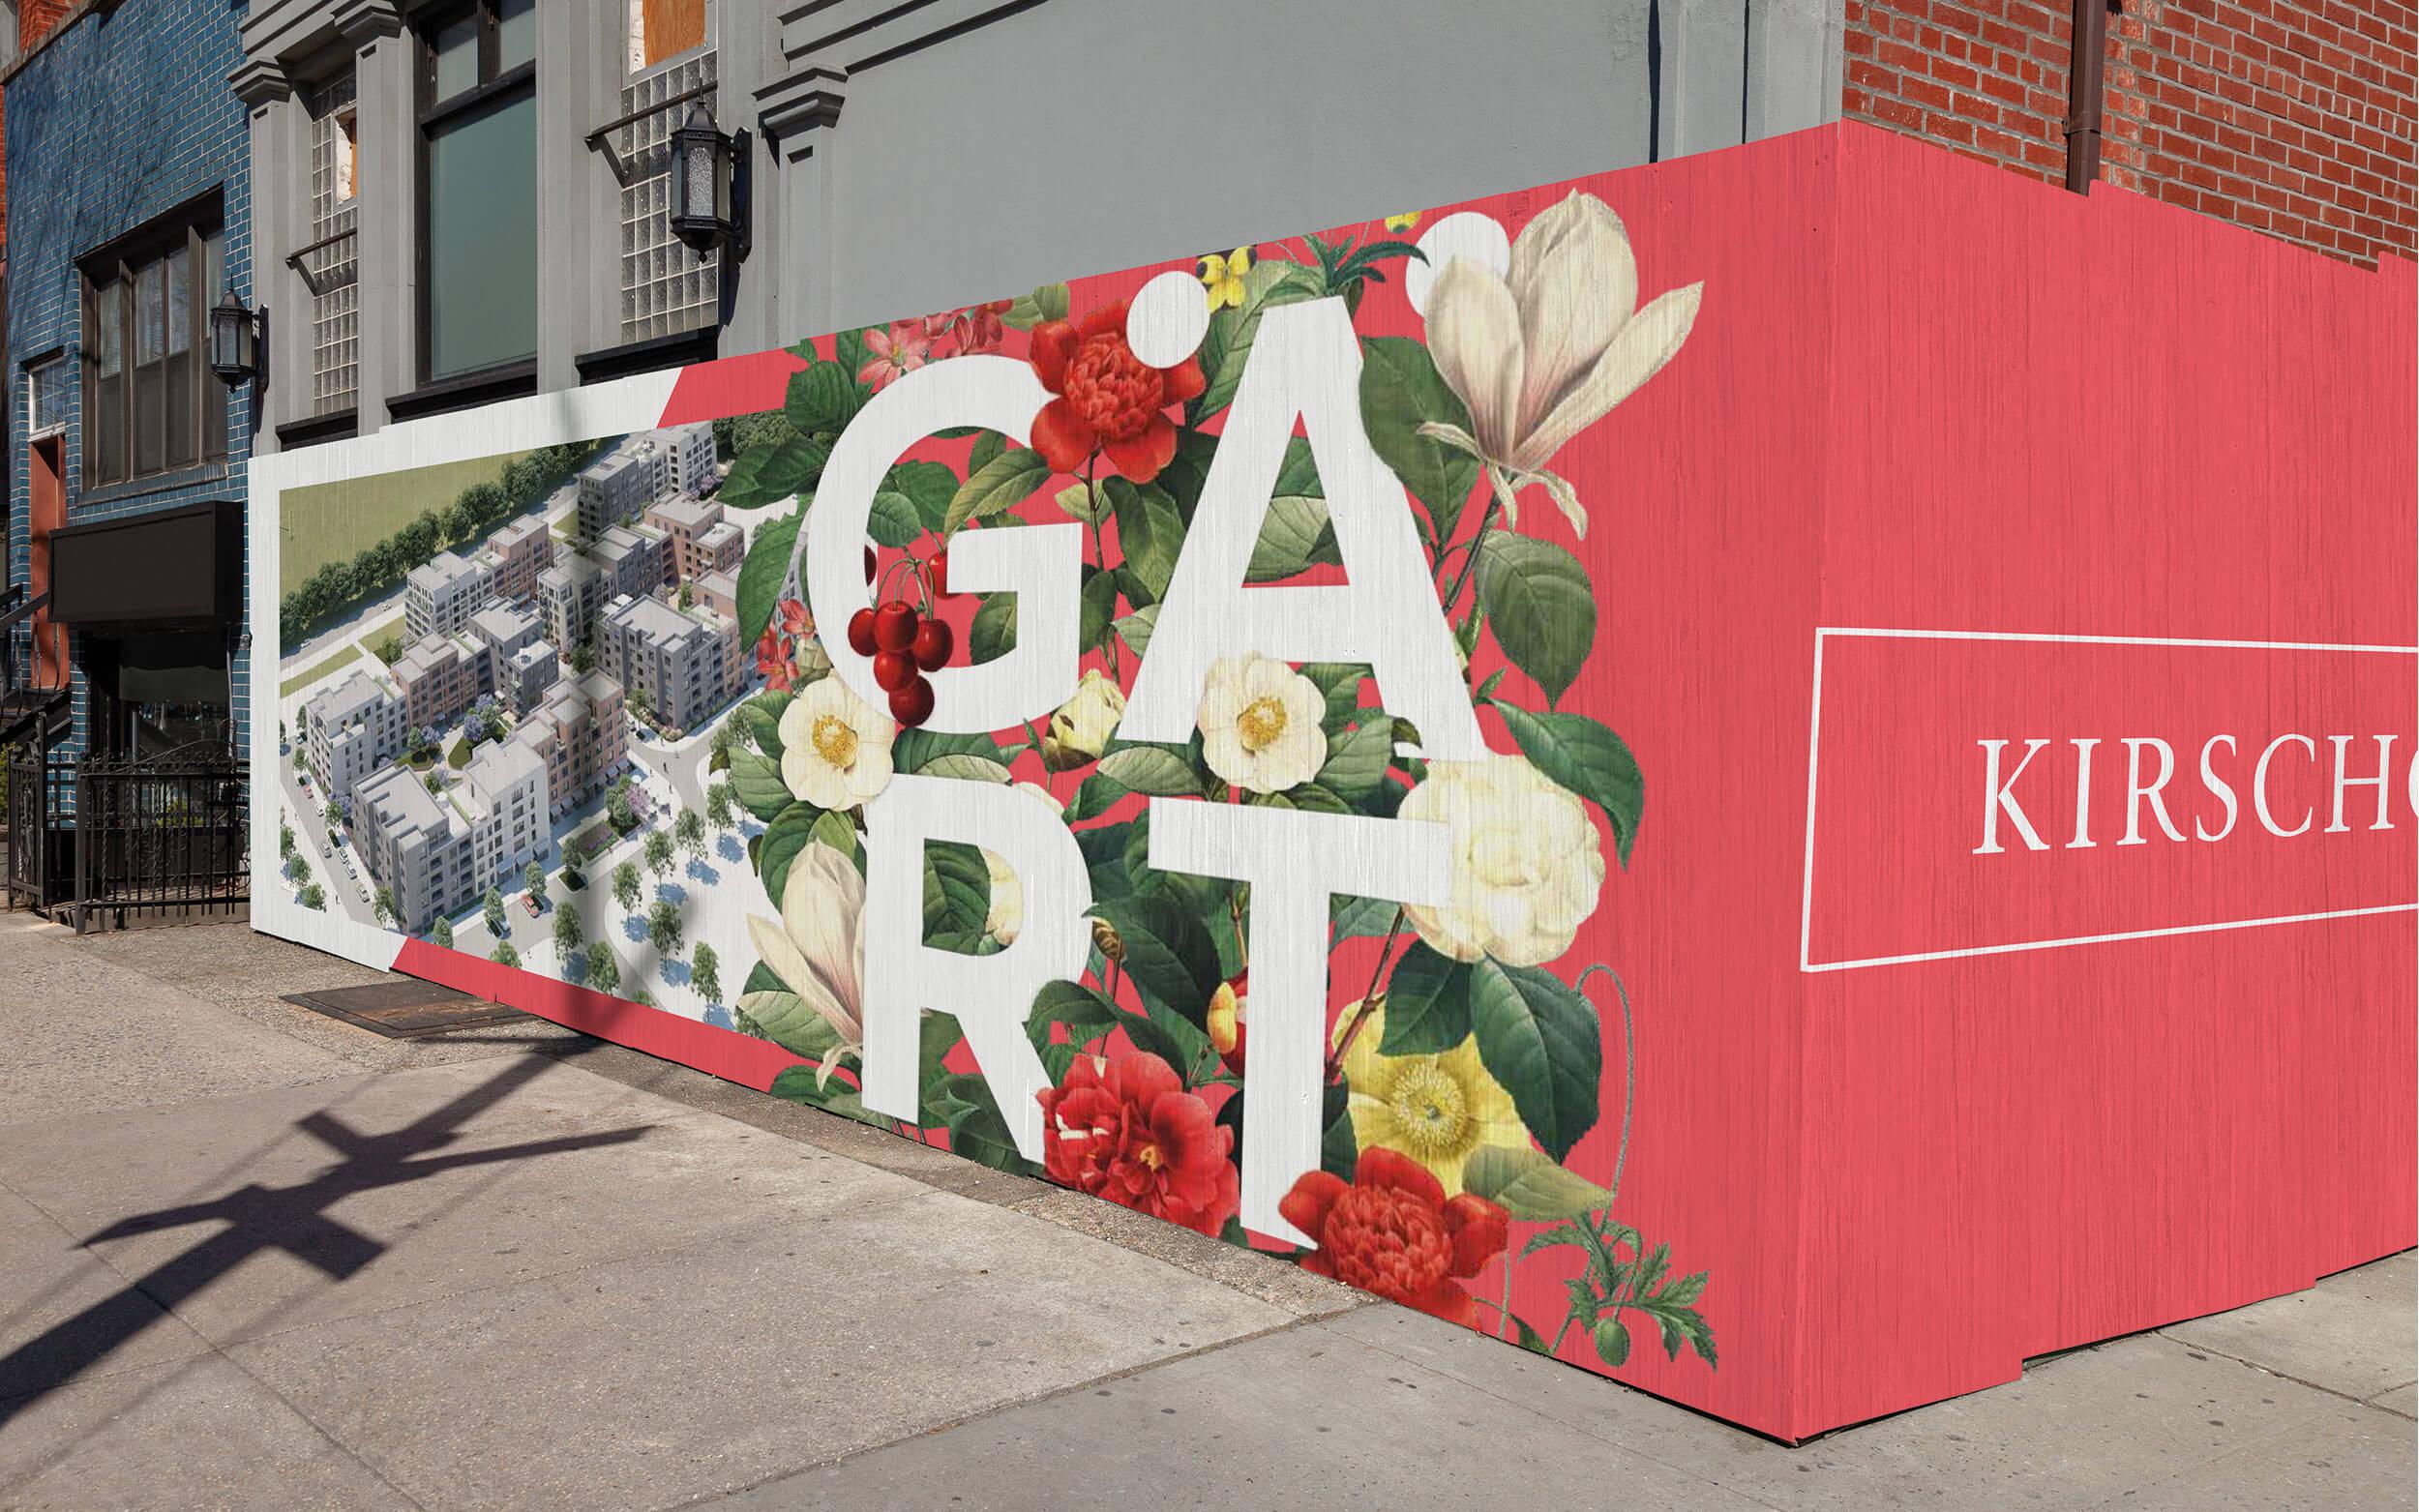 Mockup einer Werbung für die Drei Gärten, die über eine Häuserecke läuft